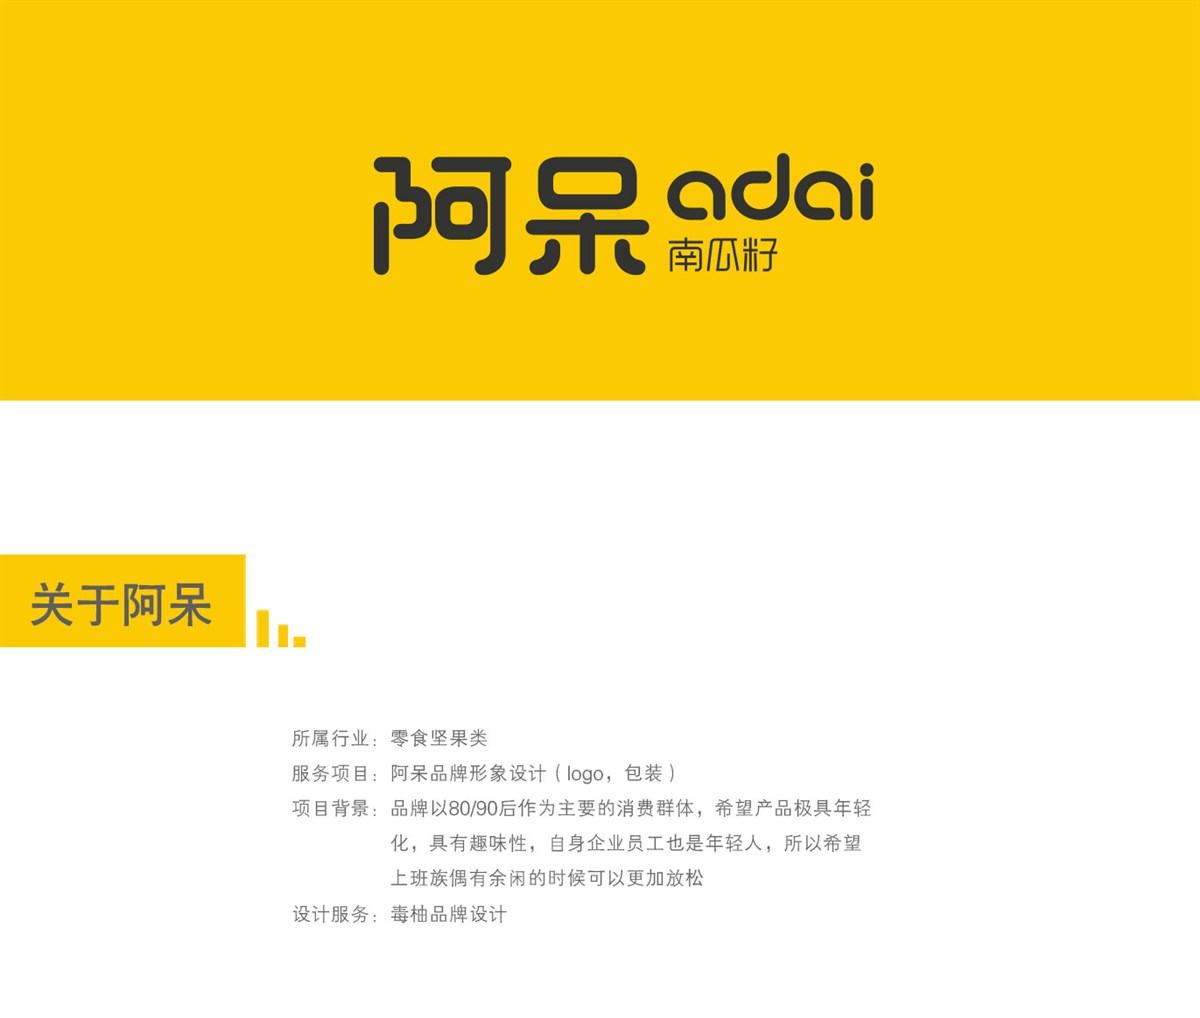 阿呆南瓜子品牌形象设计包装设计